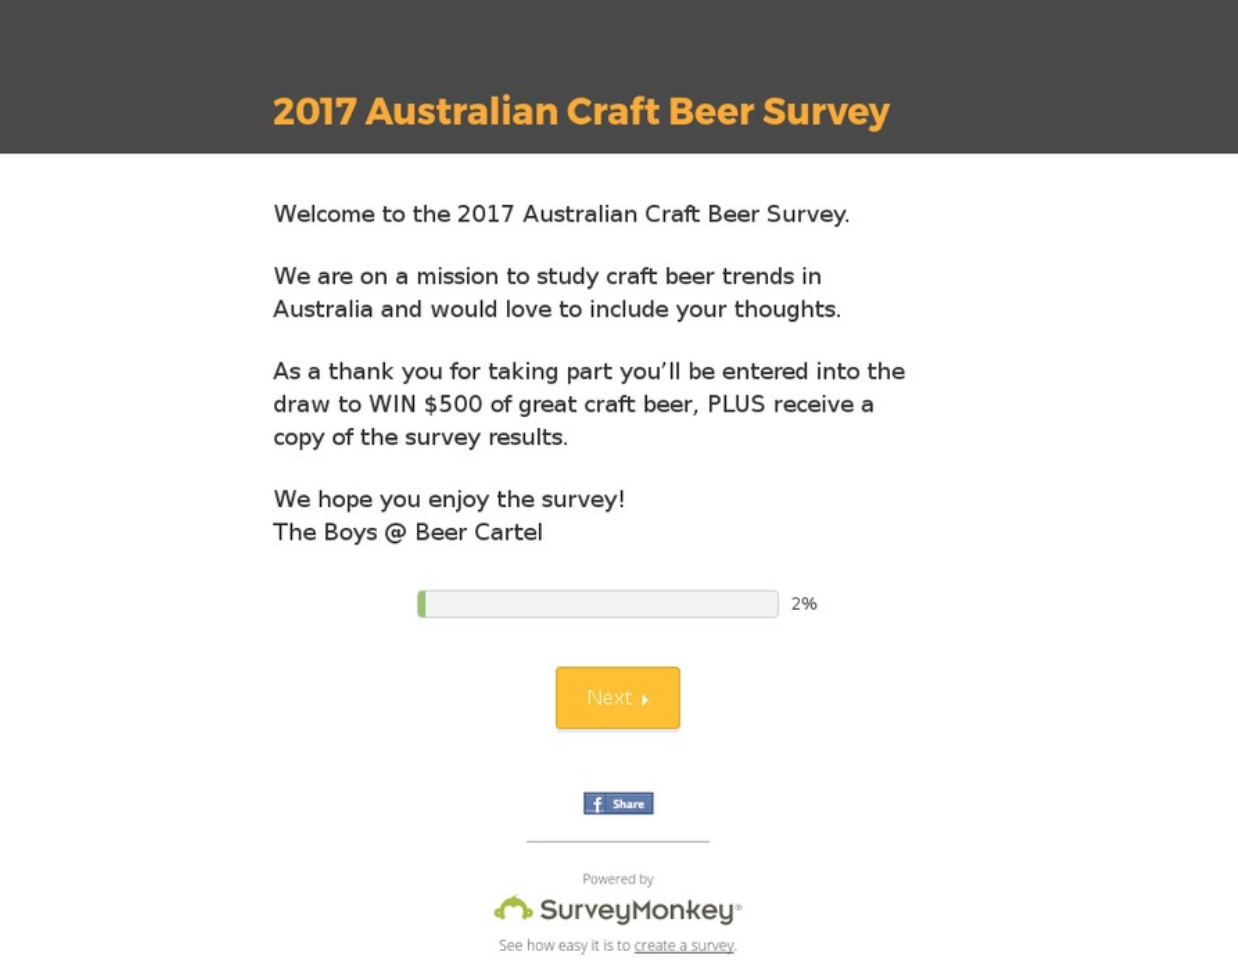 Screenshot showing a survey